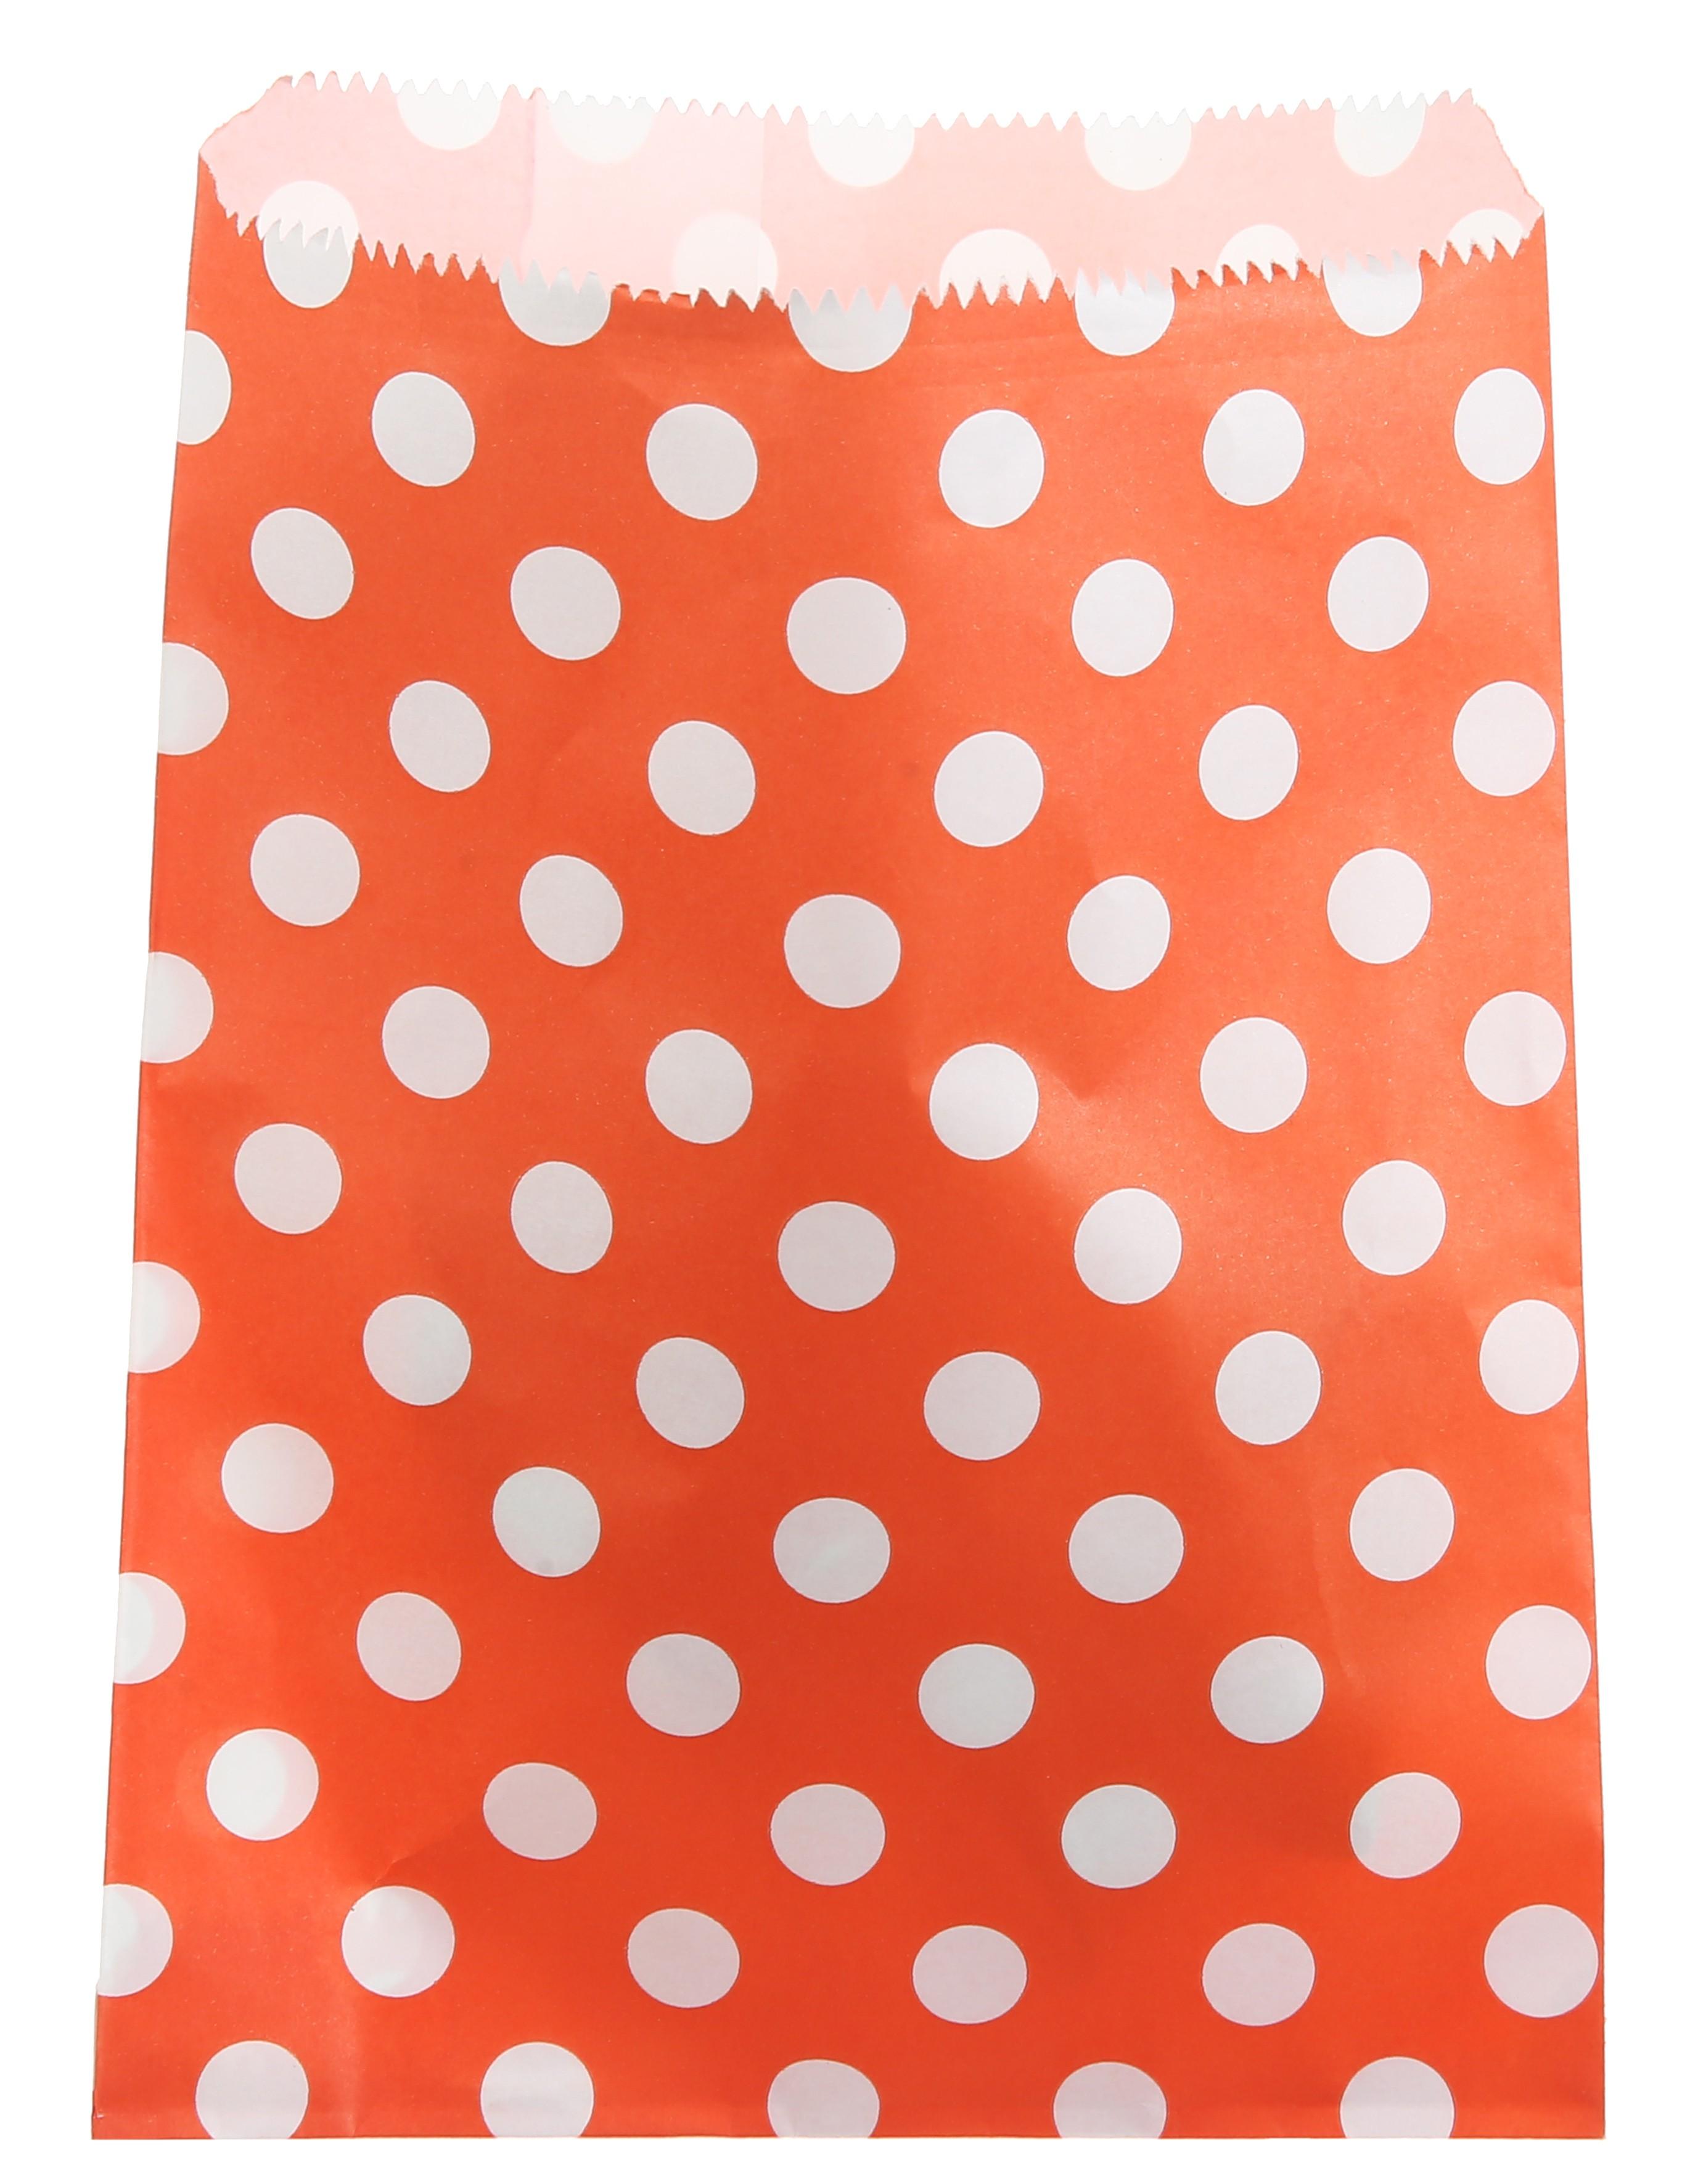 Billede af Orange papir slikpose med prikker - 24 Stk